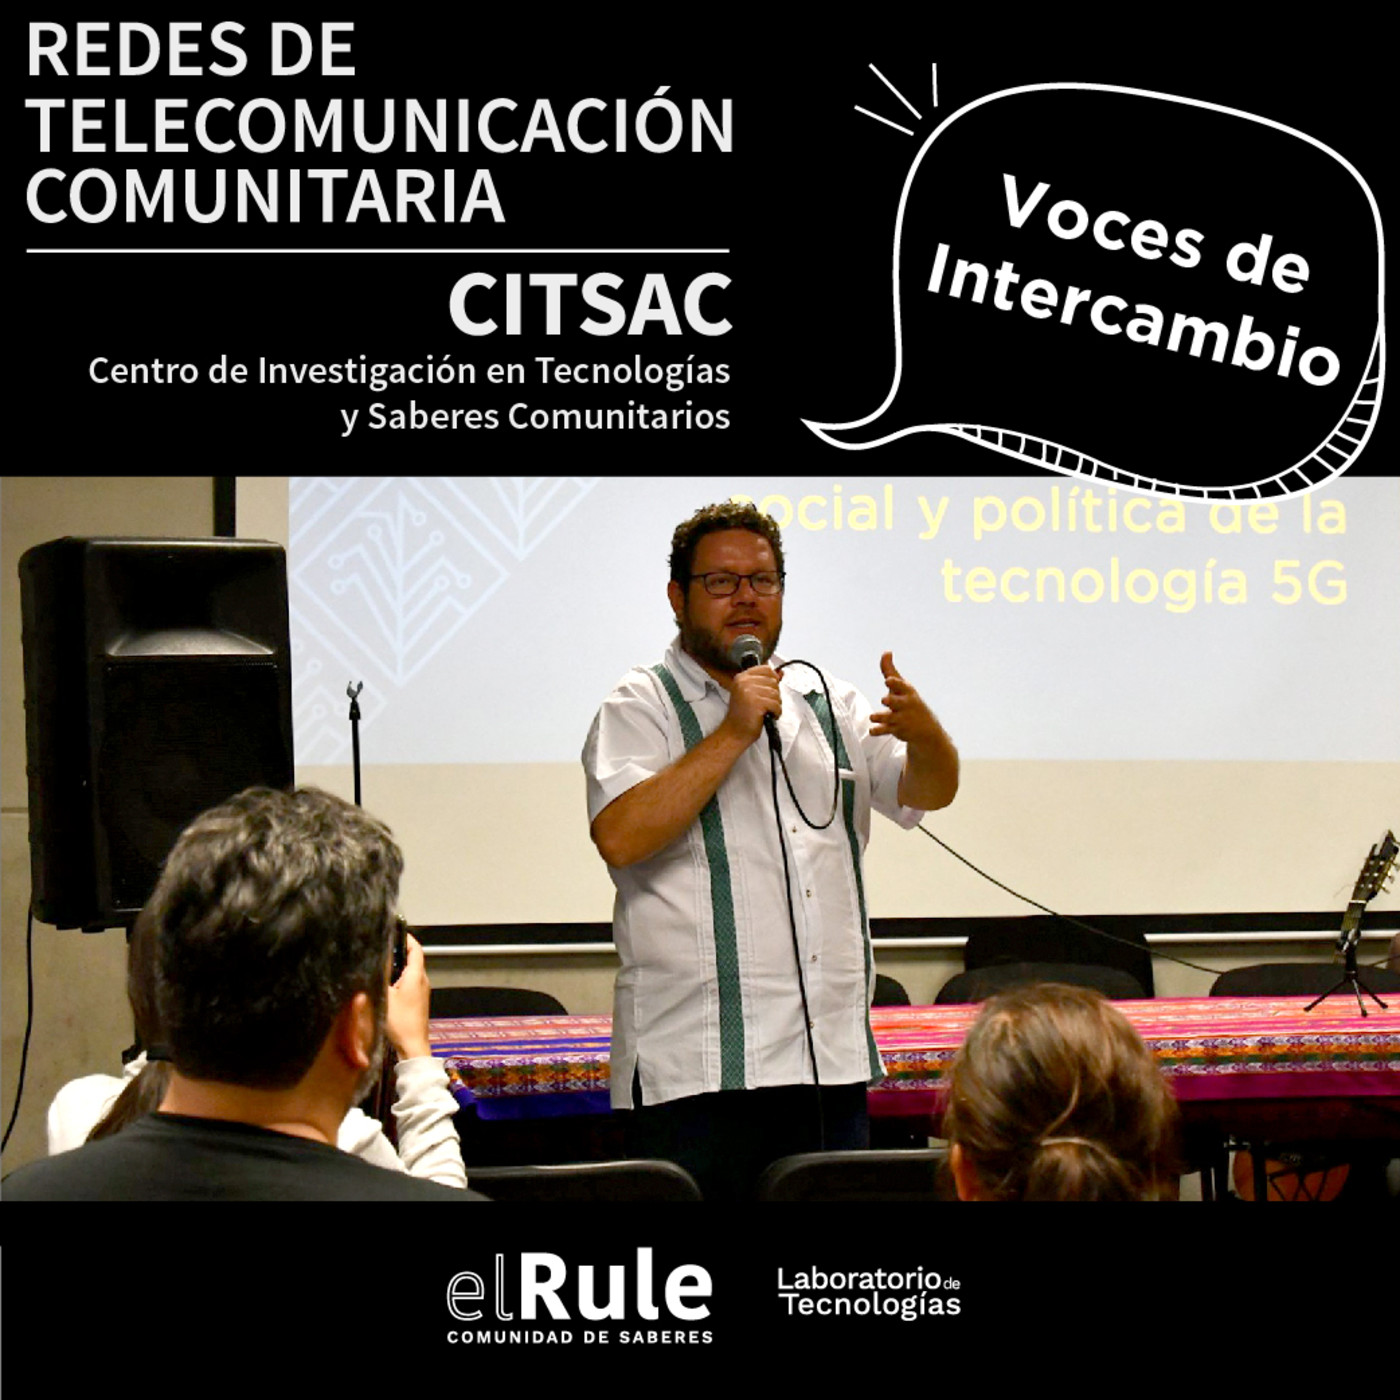 Voces de intercambio   CITSAC   Redes de telecomunicación comunitaria